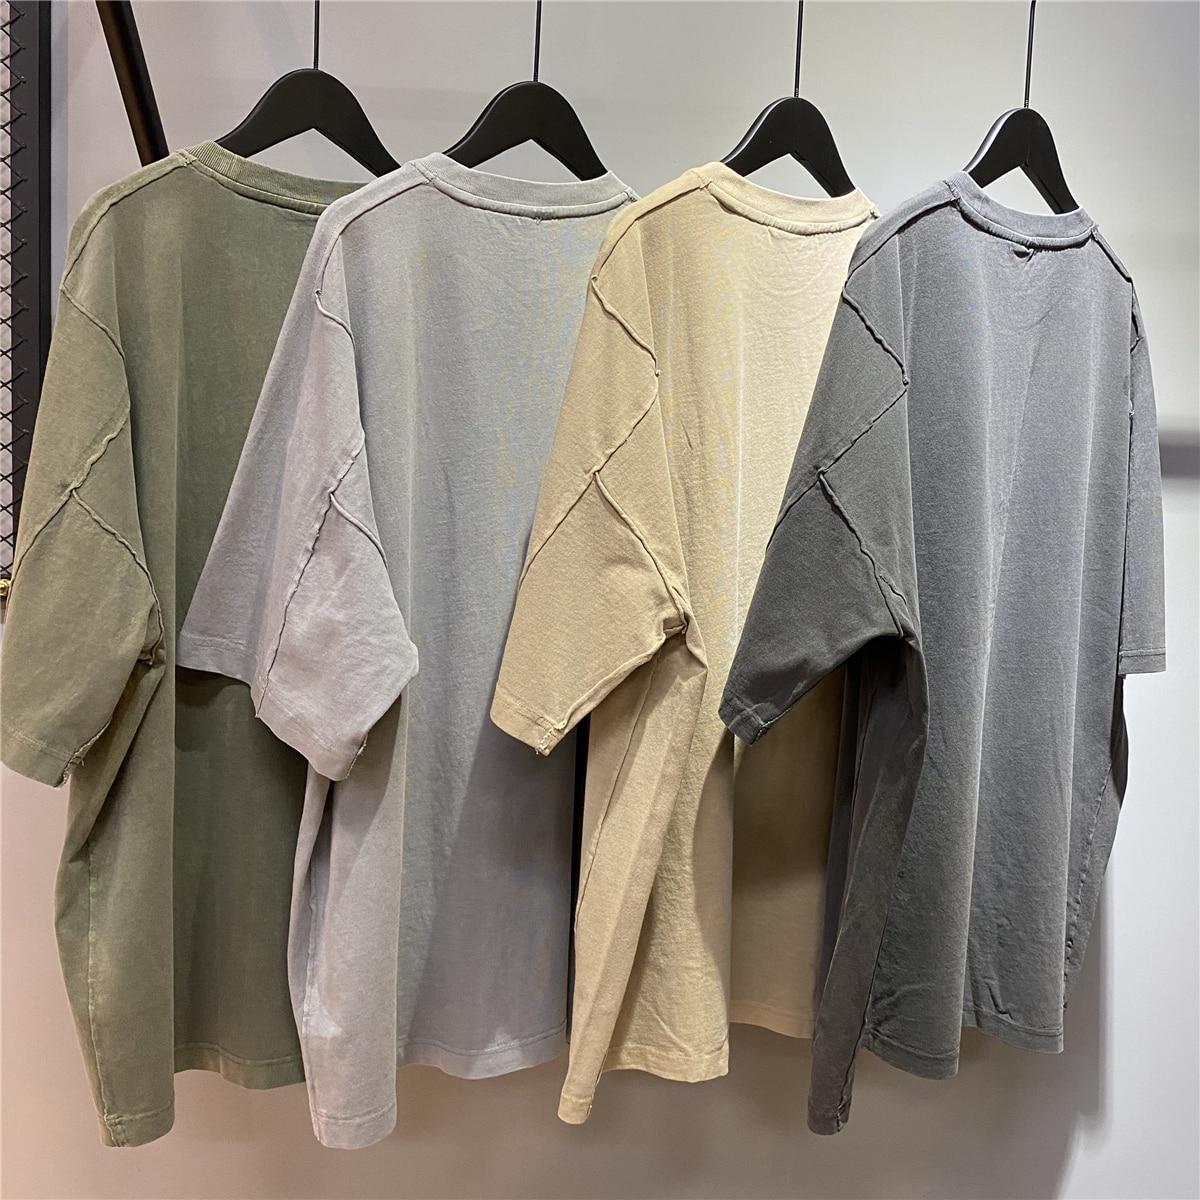 الصيف غسلها القطن الثقيل قمصان راجلان كبيرة الحجم قصيرة الأكمام لوحة تي شيرت الهيب هوب الشارع الشهير خمسة ألوان